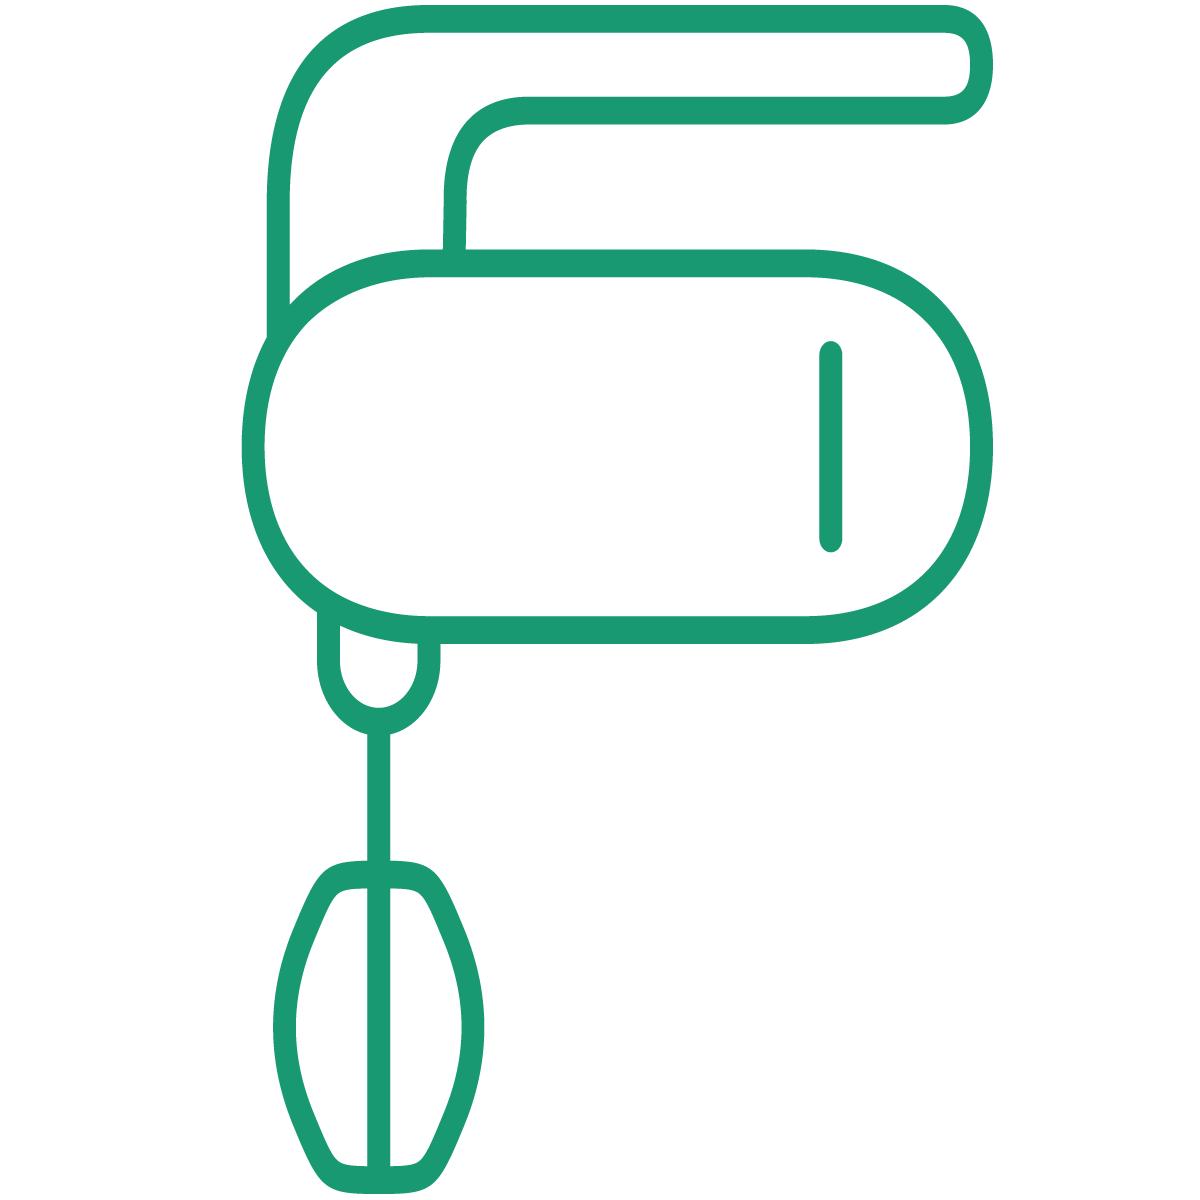 Frullatore verde: che cosa fa un personal chef?